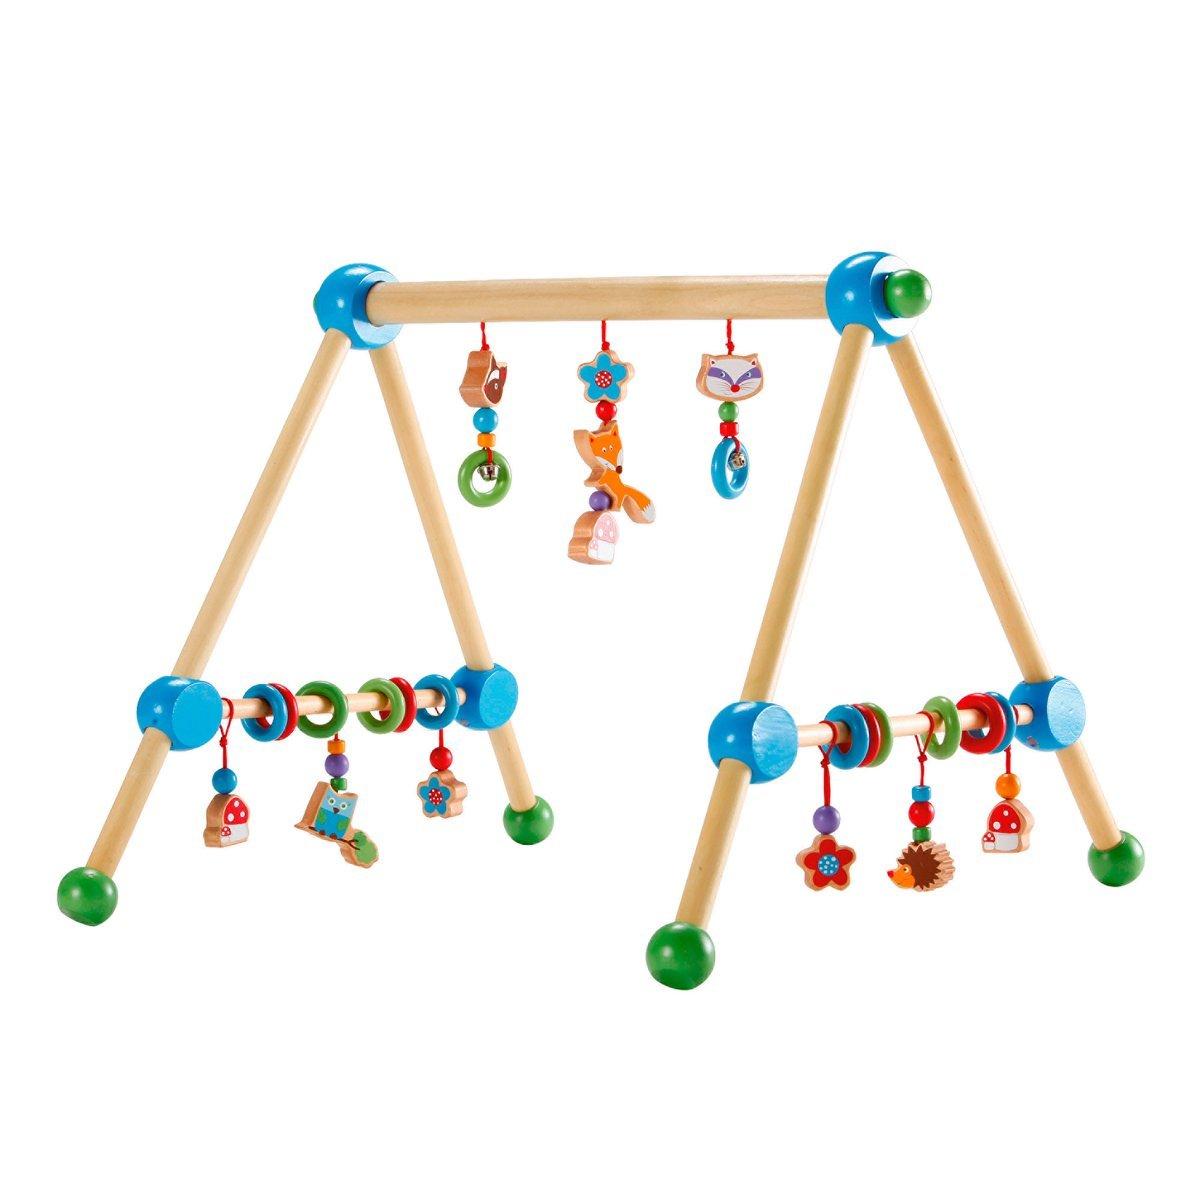 solini Spieltrapez Waldtiere / Spielbogen - Holz, höhenverstellbar, bunt - Babyspielgerät / Babyspielzeug höhenverstellbar